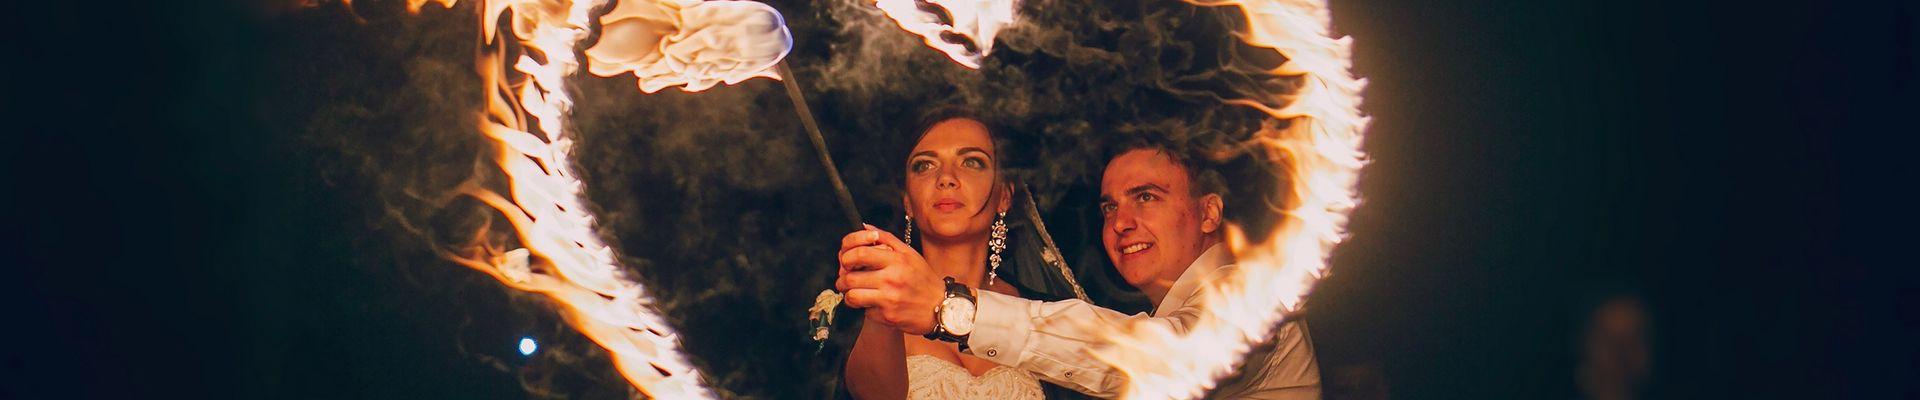 Hochzeitskünstler, Hochzeitsartist, Hochzeitsaction, Artist für die Hochzeit, Zauberer, Feuerspucker, Feuershow Hochzeit, Feuerwerk Hochzeit